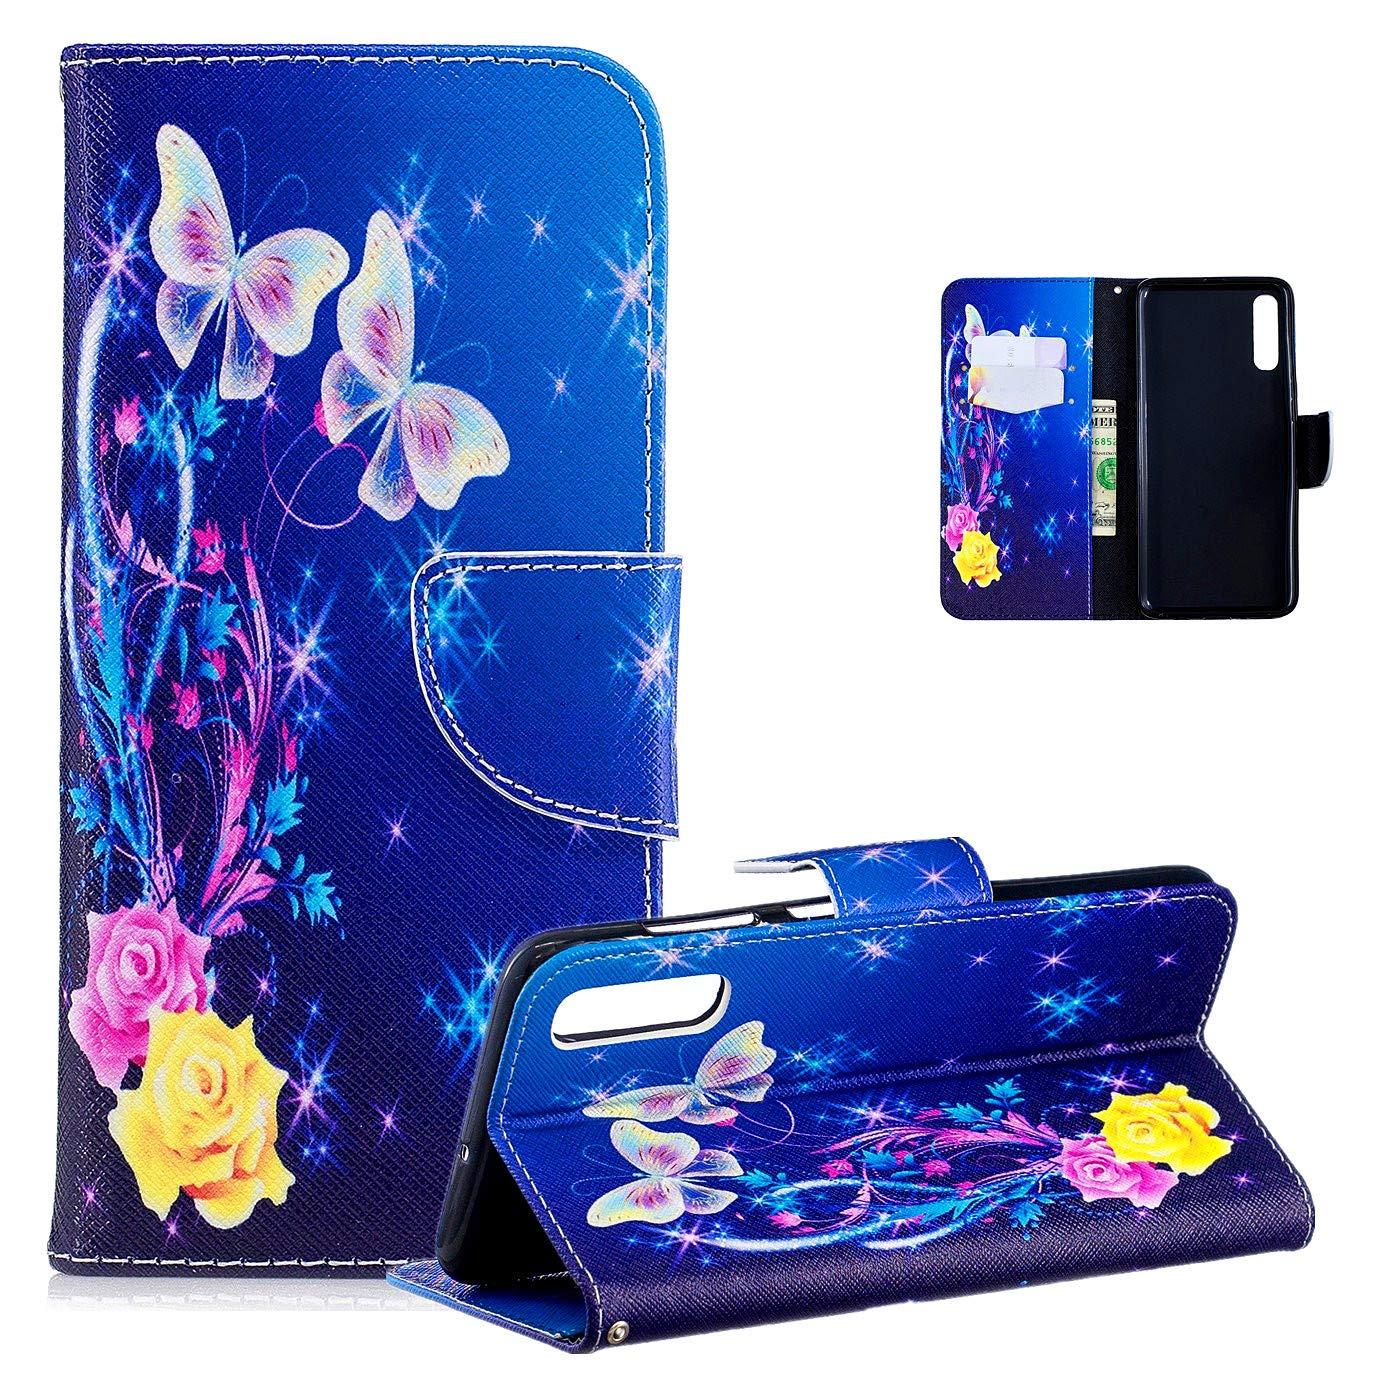 Vepbk f/ür Samsung Galaxy A50 H/ülle Handyh/ülle PU Leder Handytasche Case Klapph/ülle mit Magnet Kartenfach Weich Silikon Cover Flip Brieftasche Schutzh/ülle f/ür Samsung Galaxy A50,Muster 4